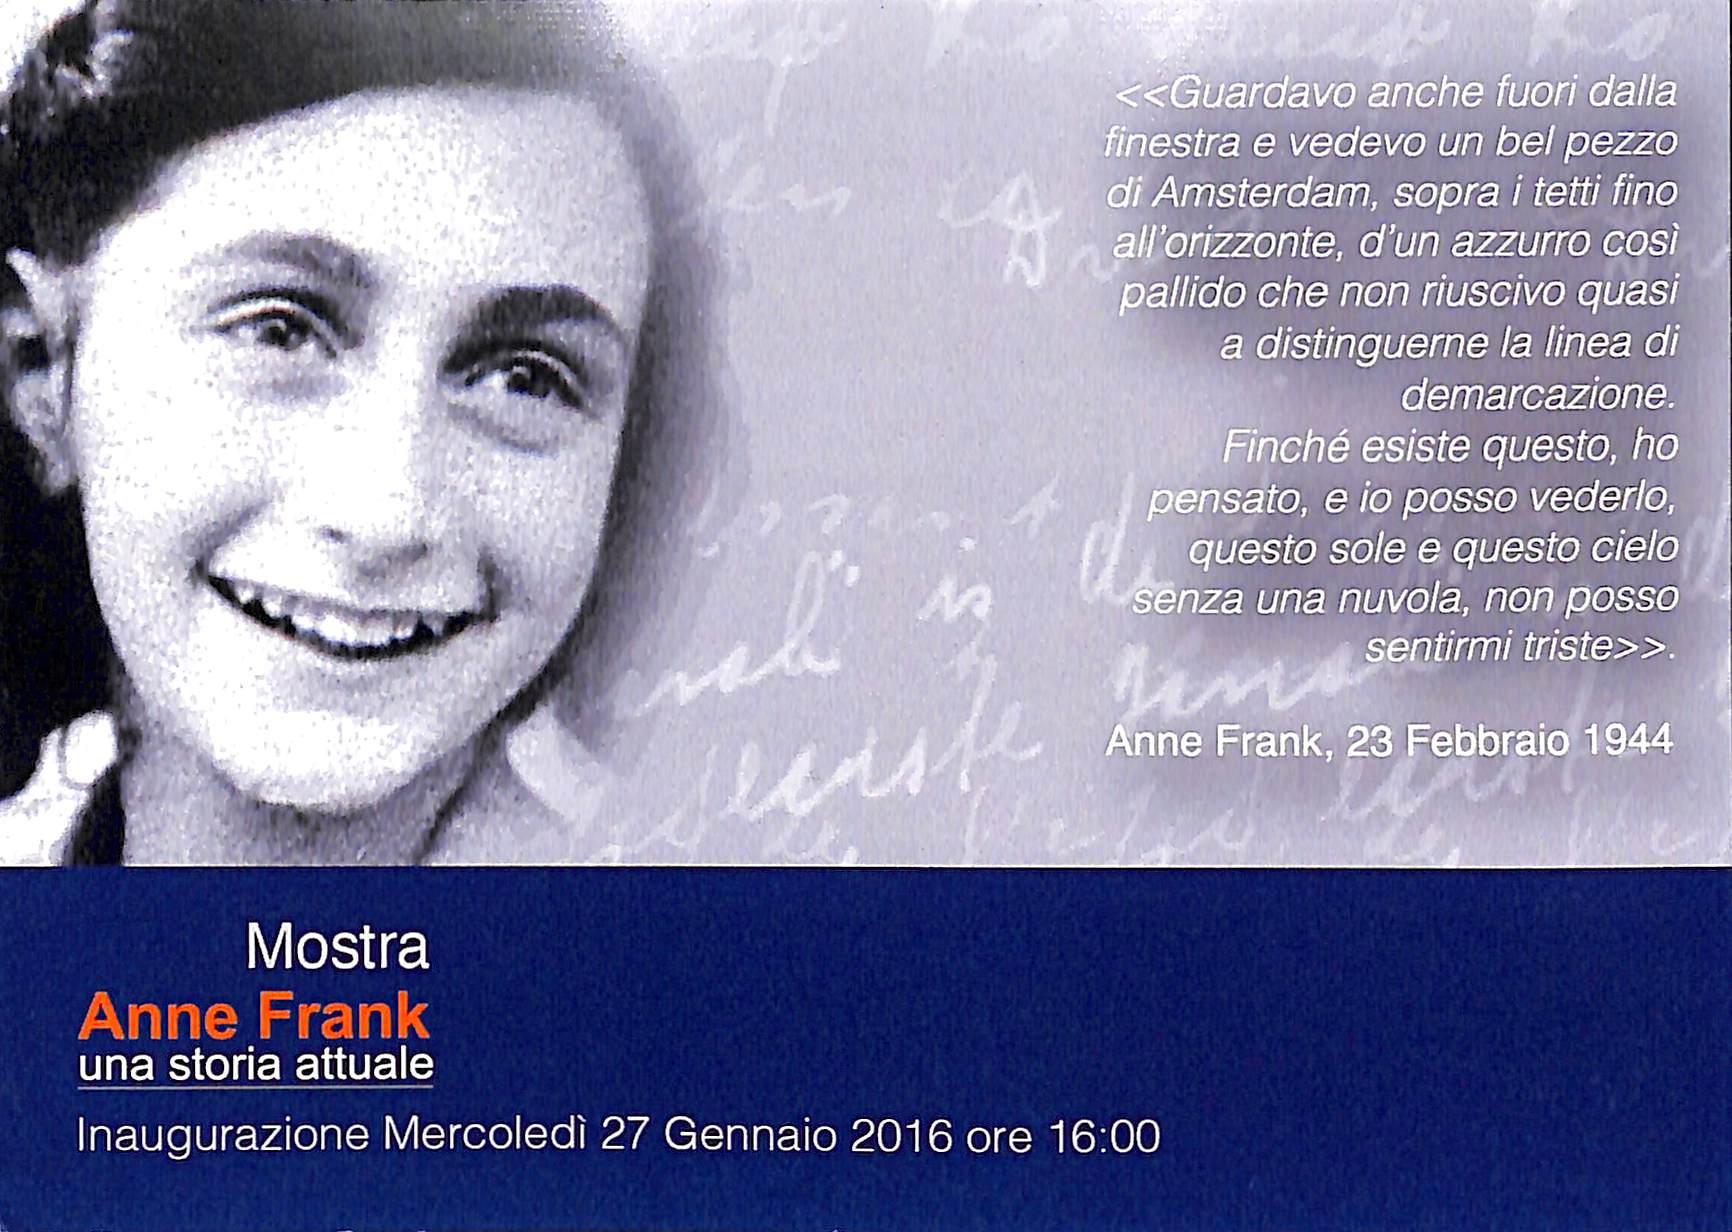 Shoah, prorogata la mostra in memoria di Anna Frank